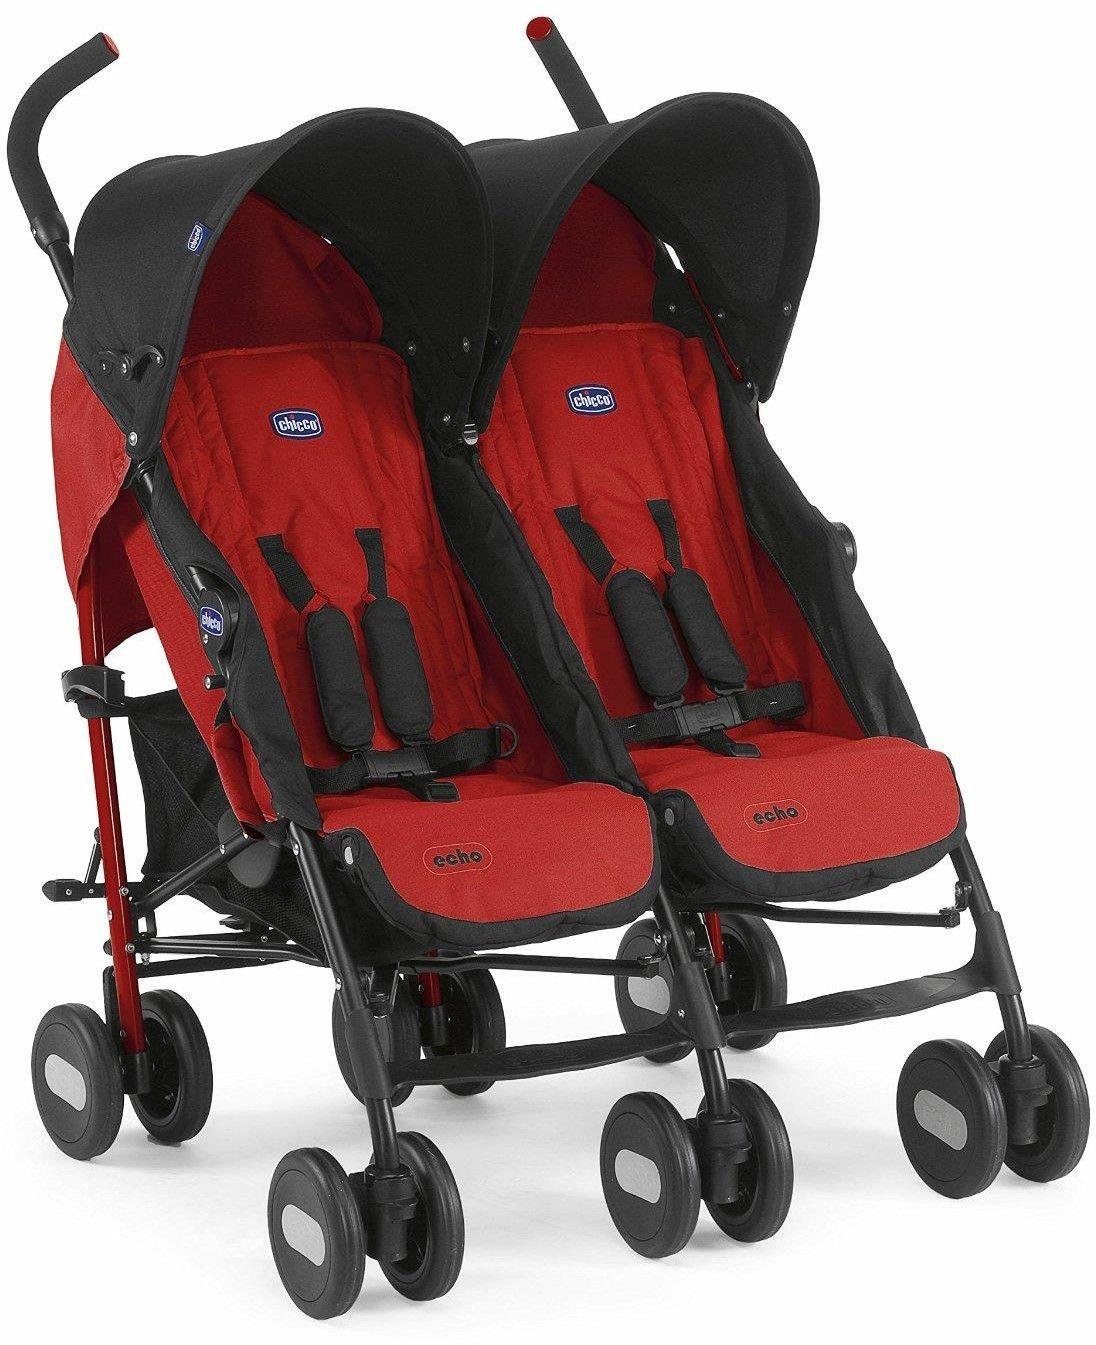 Chicco Echo Twin wózek bliźniaczy Garnet czerwony